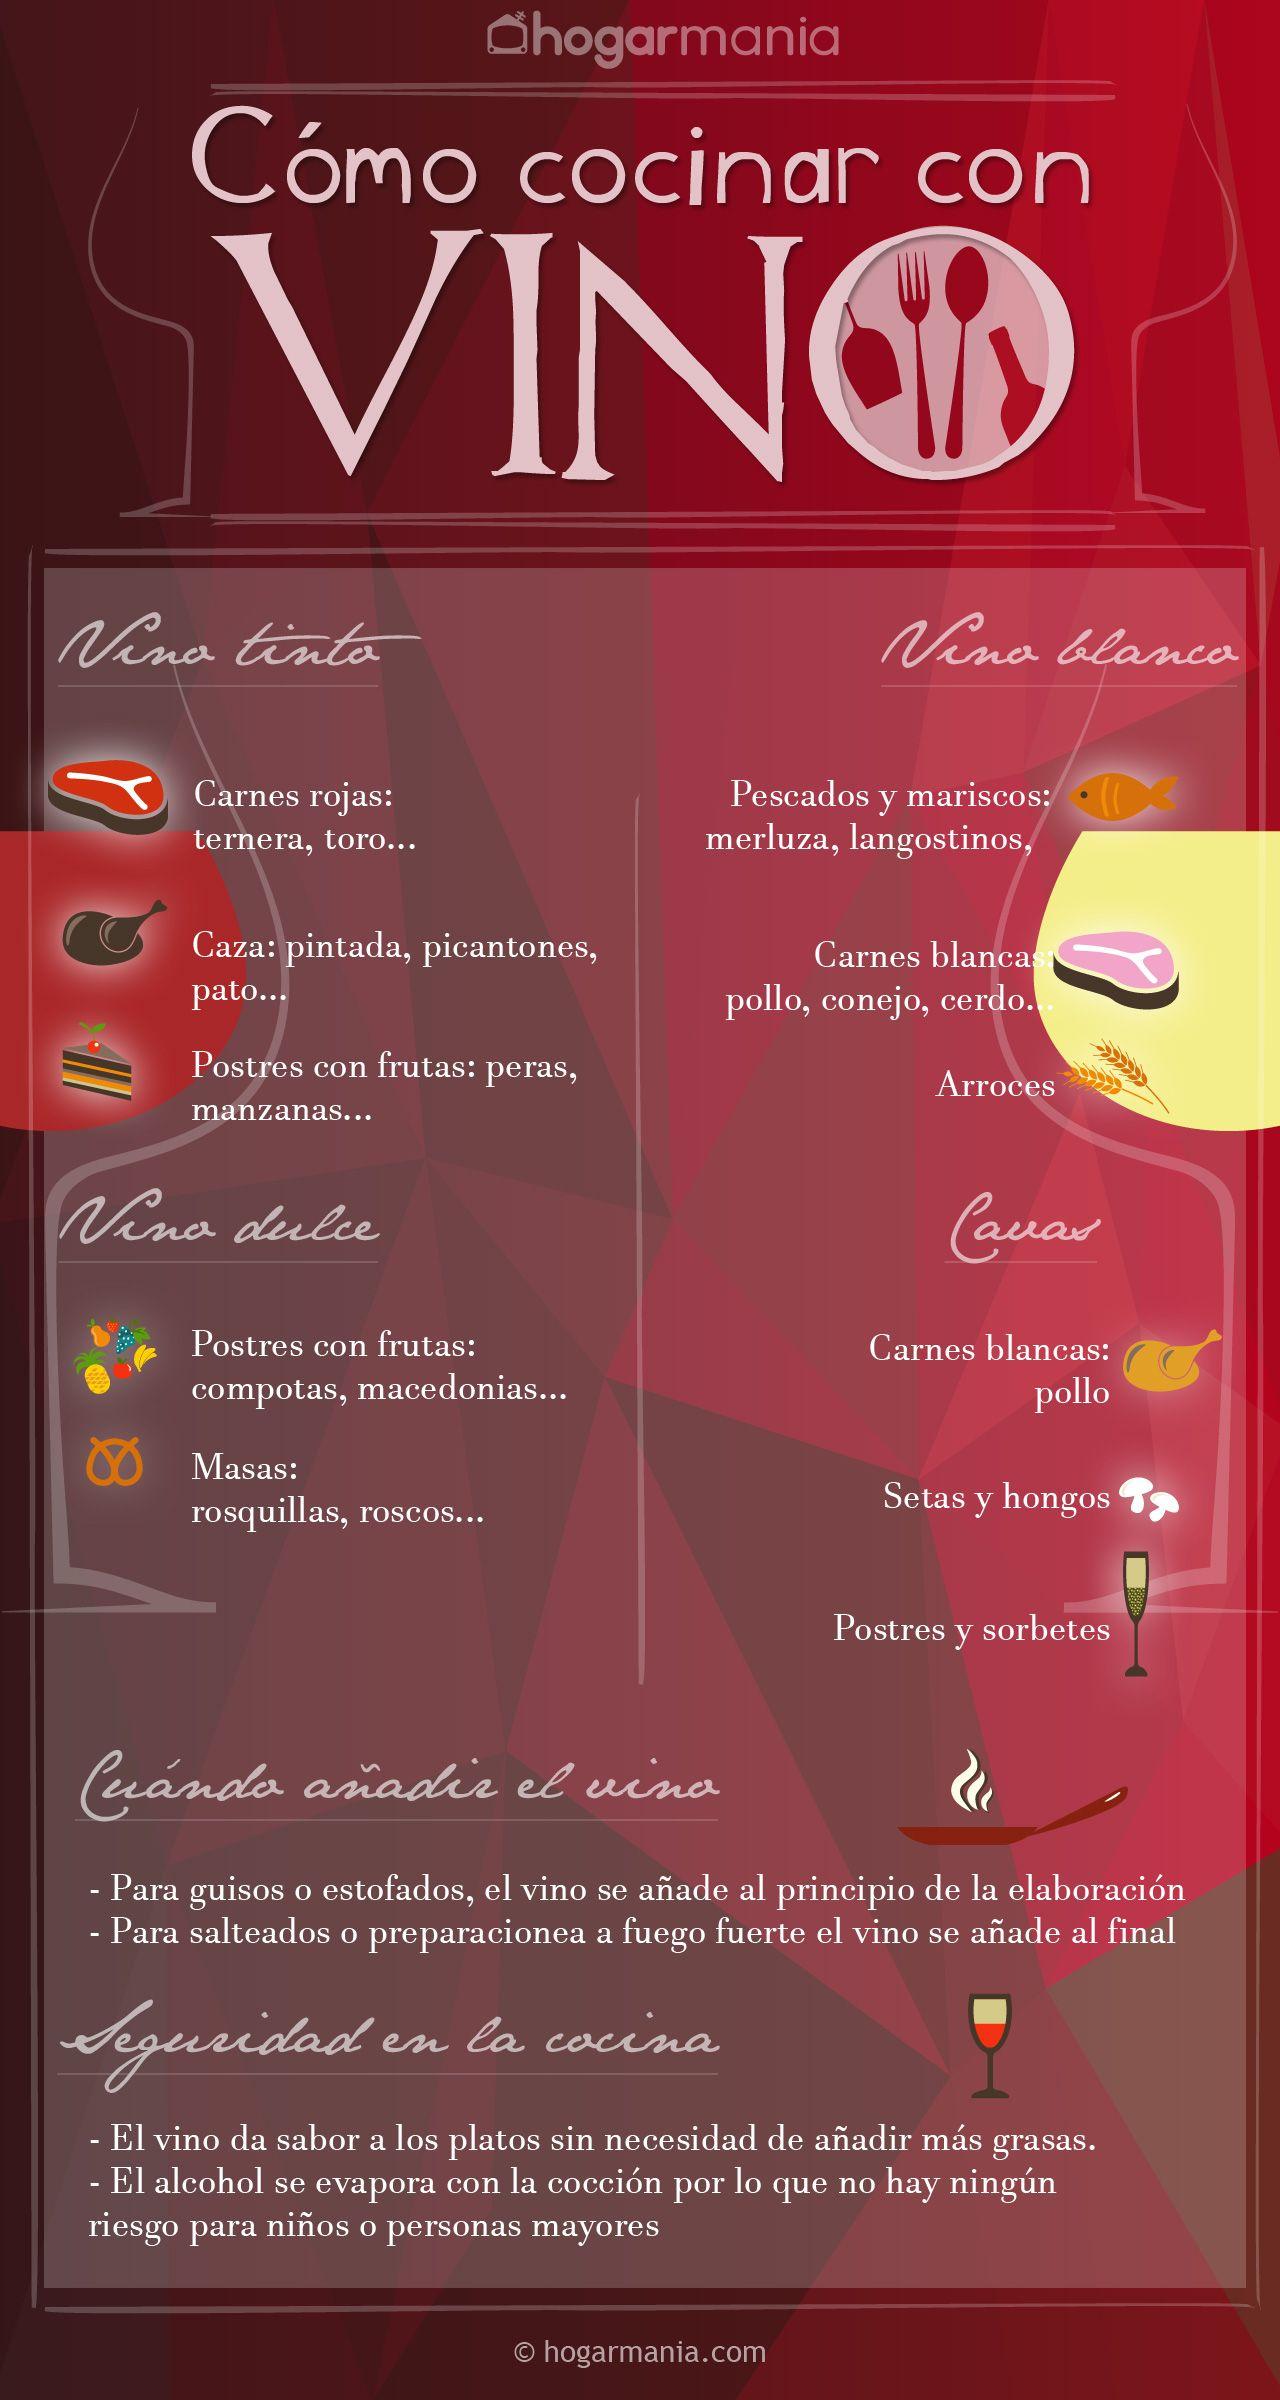 Infografía sobre cómo cocinar con vino